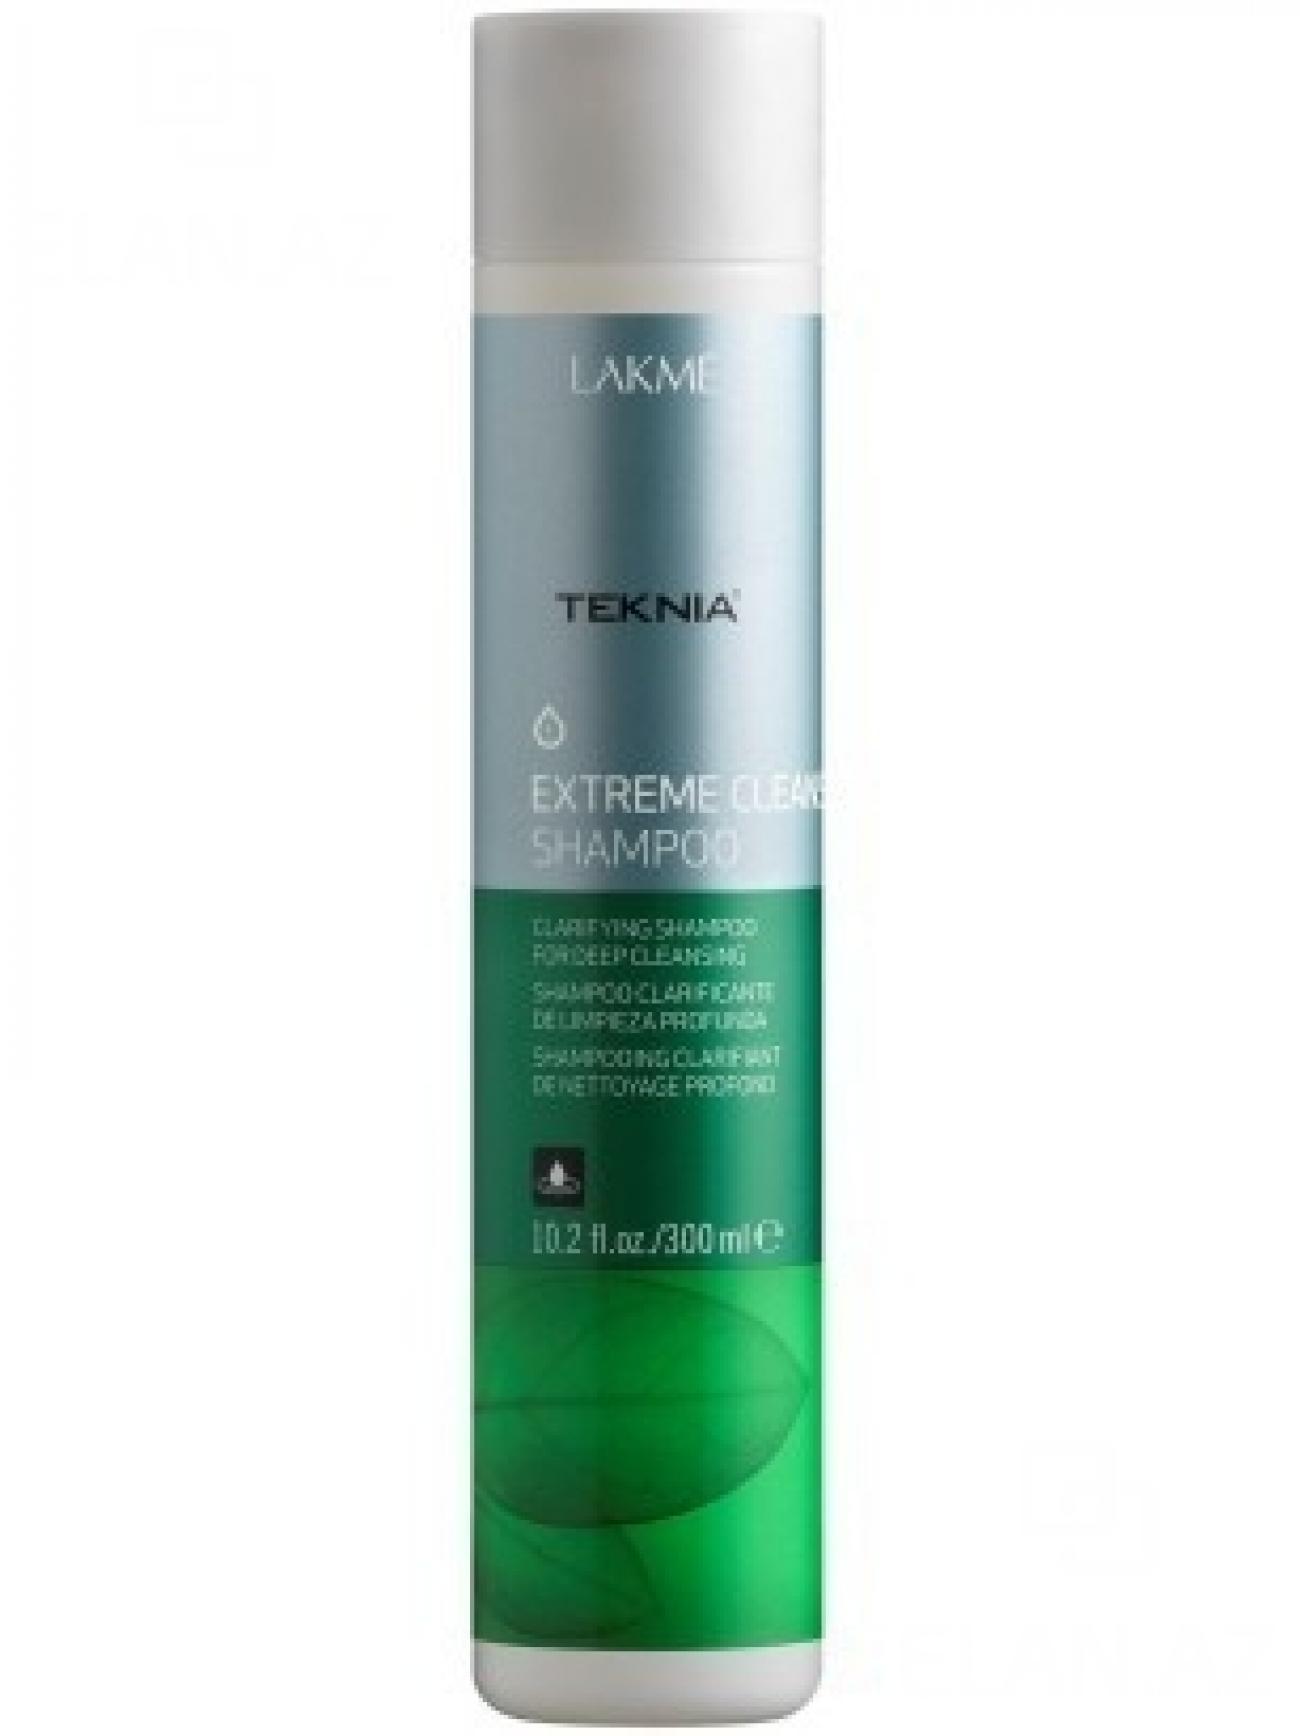 Lakme Шампунь для глубокого очищения Shampoo, 300 мл47312Обогащенный фруктовыми кислотами и экстрактом зеленого чая, он придает волосам естественный блеск и мягкость. Вытяжка из плодов индийского каштана оказывает вяжущее, антисептическое действие и обеспечивает глубокое очищение , как волос, так и кожи головы. Мягкая формула эффективно удаляет остатки укладочных средств и запахи, не вызывает раздражения. Входящий в состав ментол, мгновенно дает ощущение свежести. Шампунь для глубокого очищения Lakme Teknia Extreme Cleanse Shampoo содержит WAA™ – комплекс растительных аминокислот, ухаживающий за волосами и оказывающий глубокое воздействие изнутри. Идеально подходит для очень жирных волос.